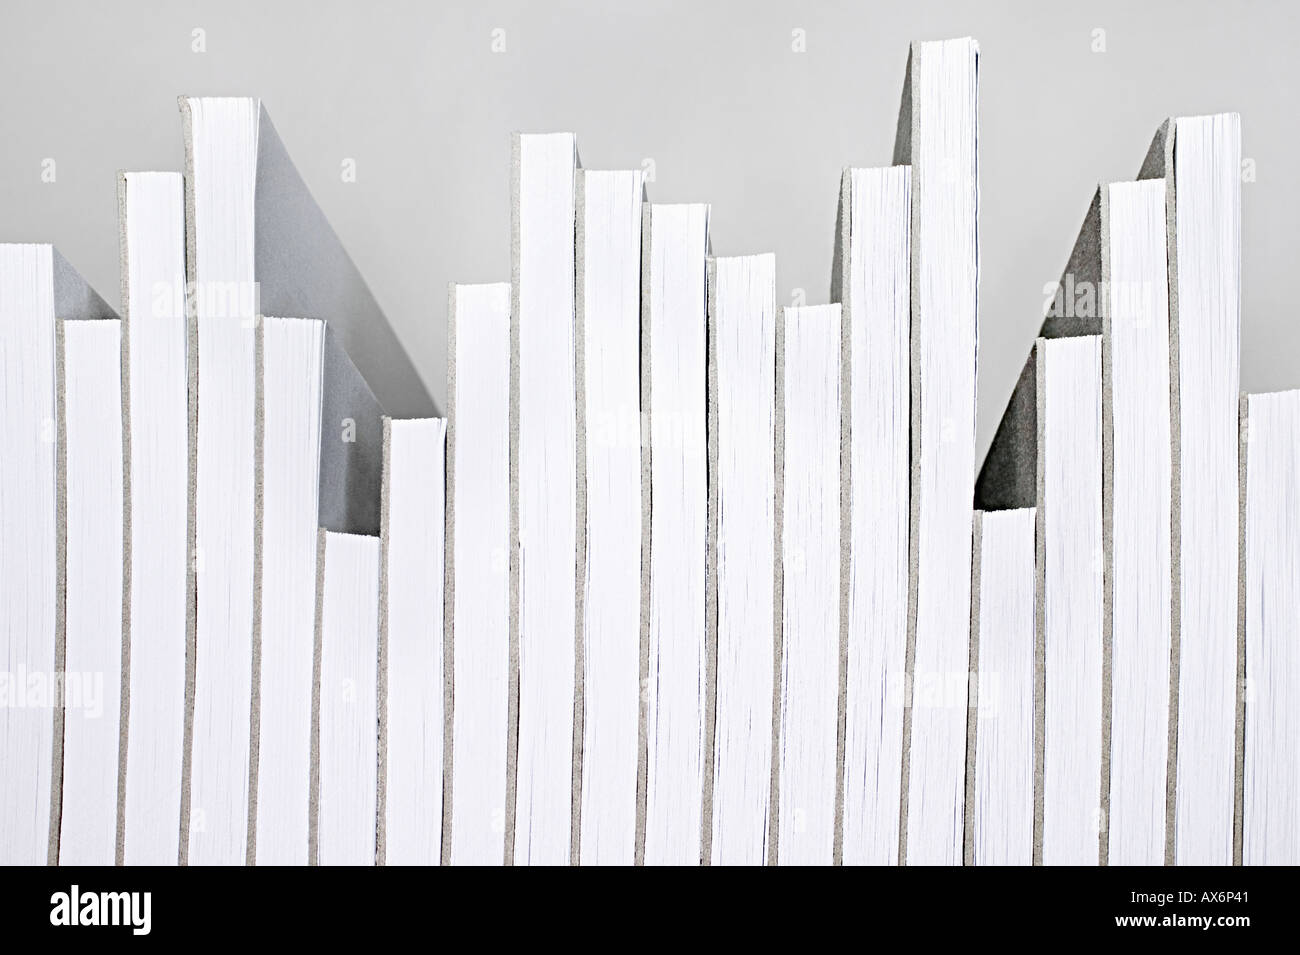 Notizblöcke arrangiert gerne ein Diagramm Stockfoto